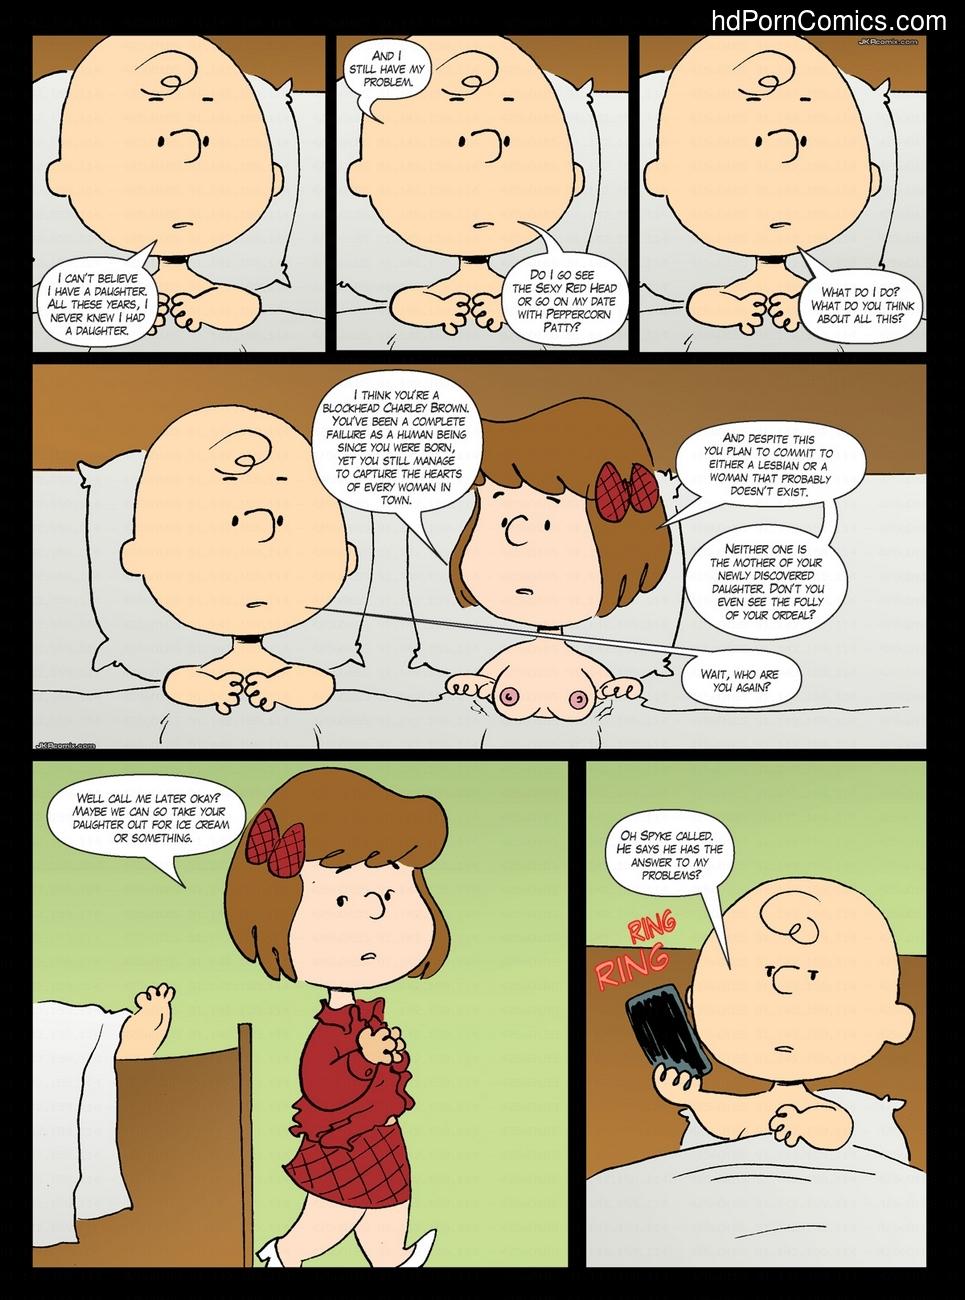 Porn comics peanuts